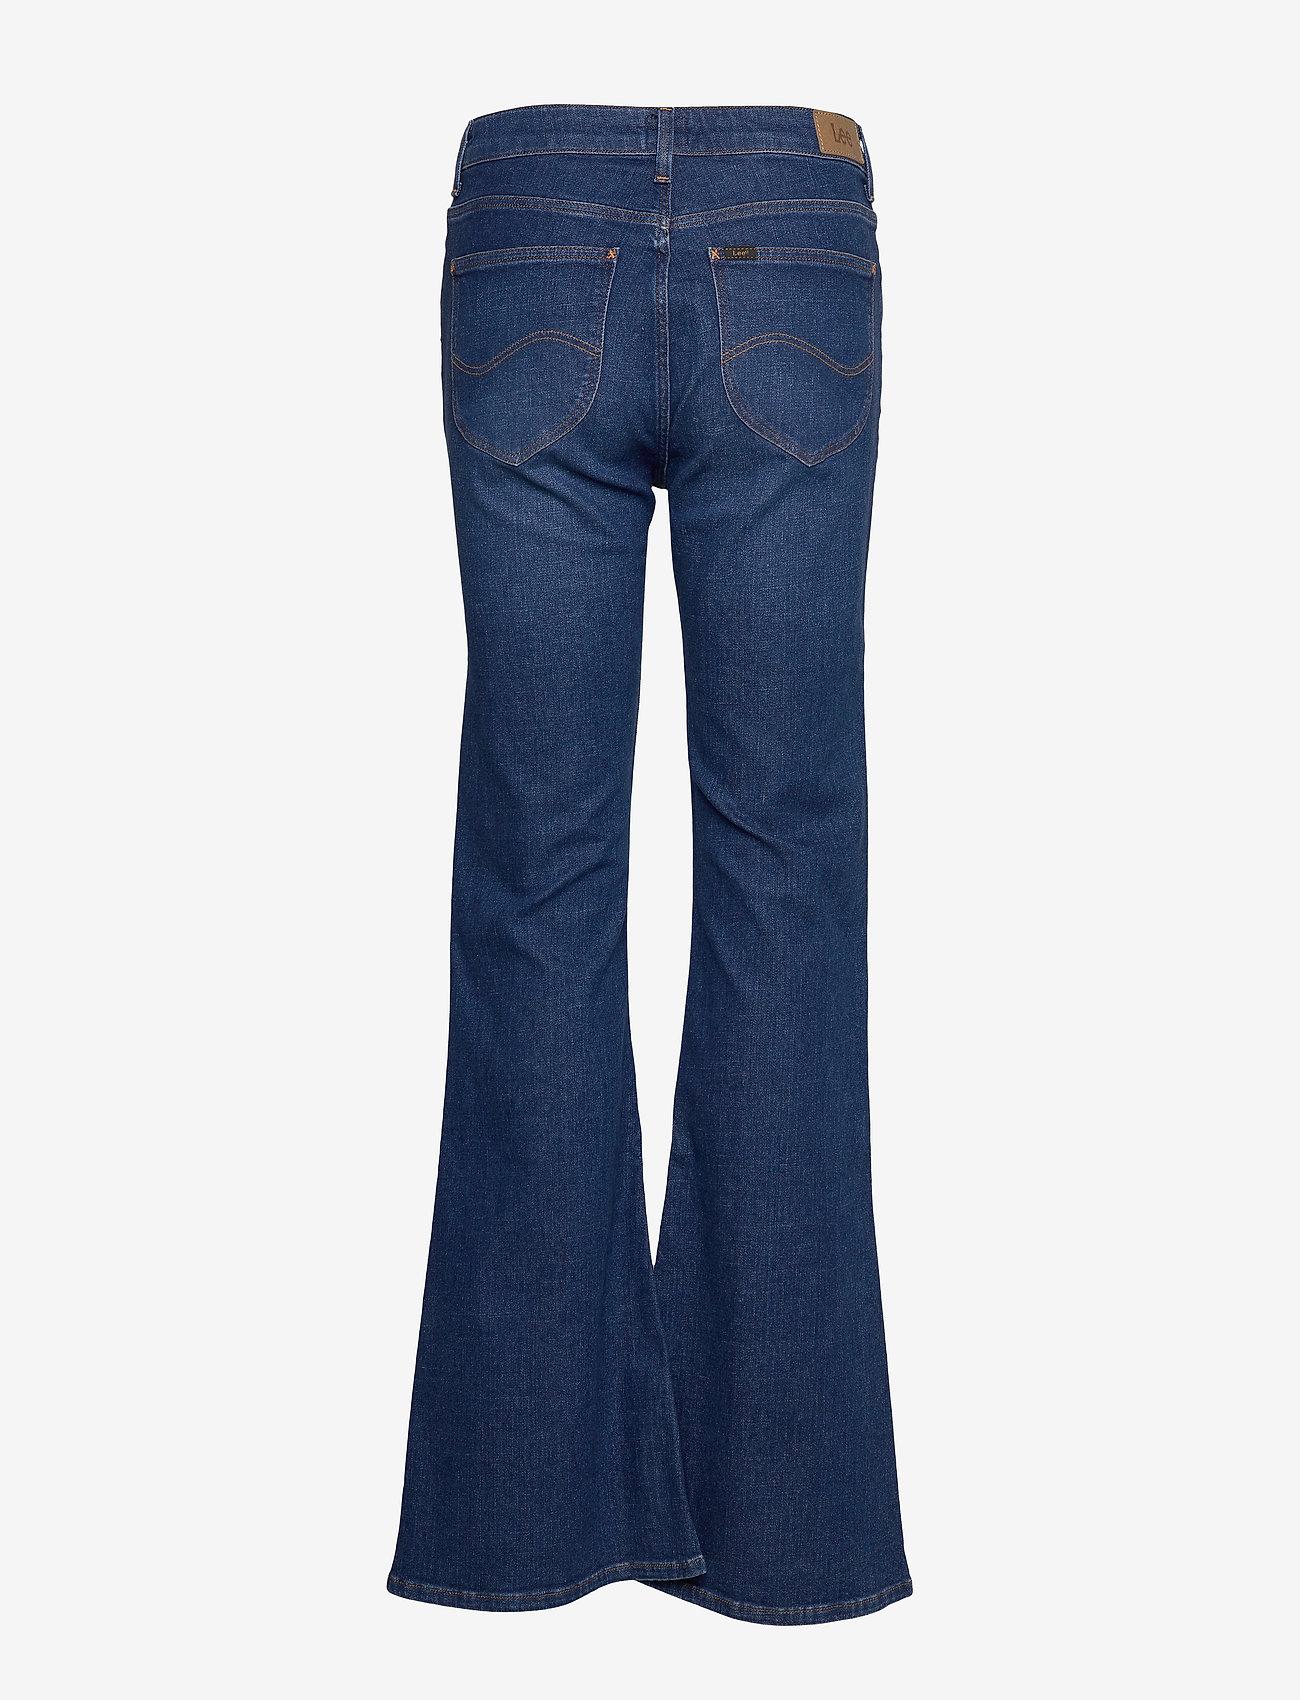 Lee Jeans - BREESE - schlaghosen - dark favourite - 1